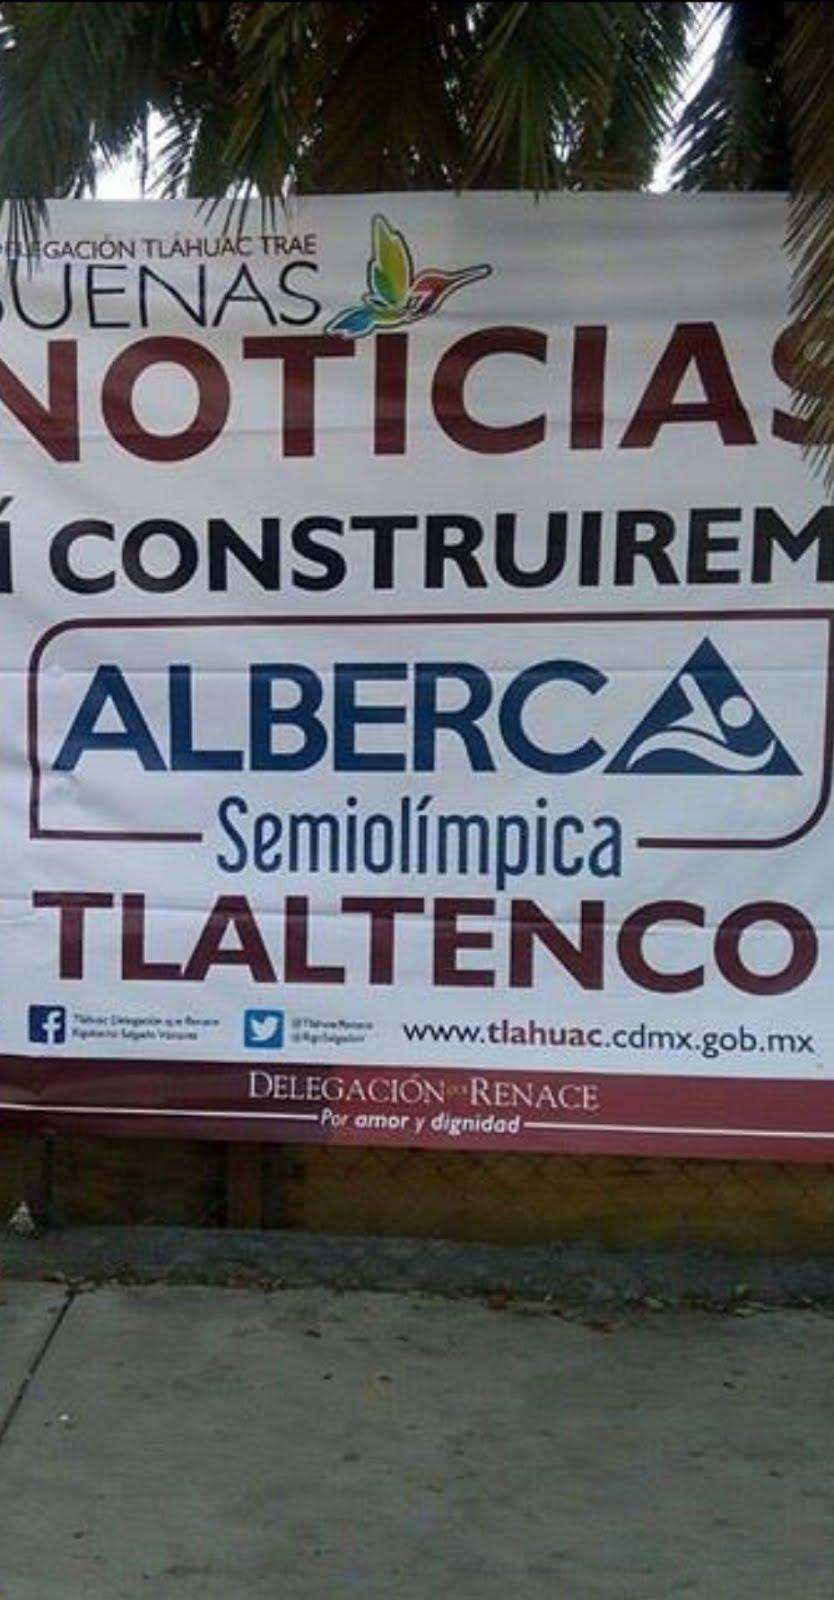 «Guzgo y lángaro» delegado construye albercas en Tláhuac